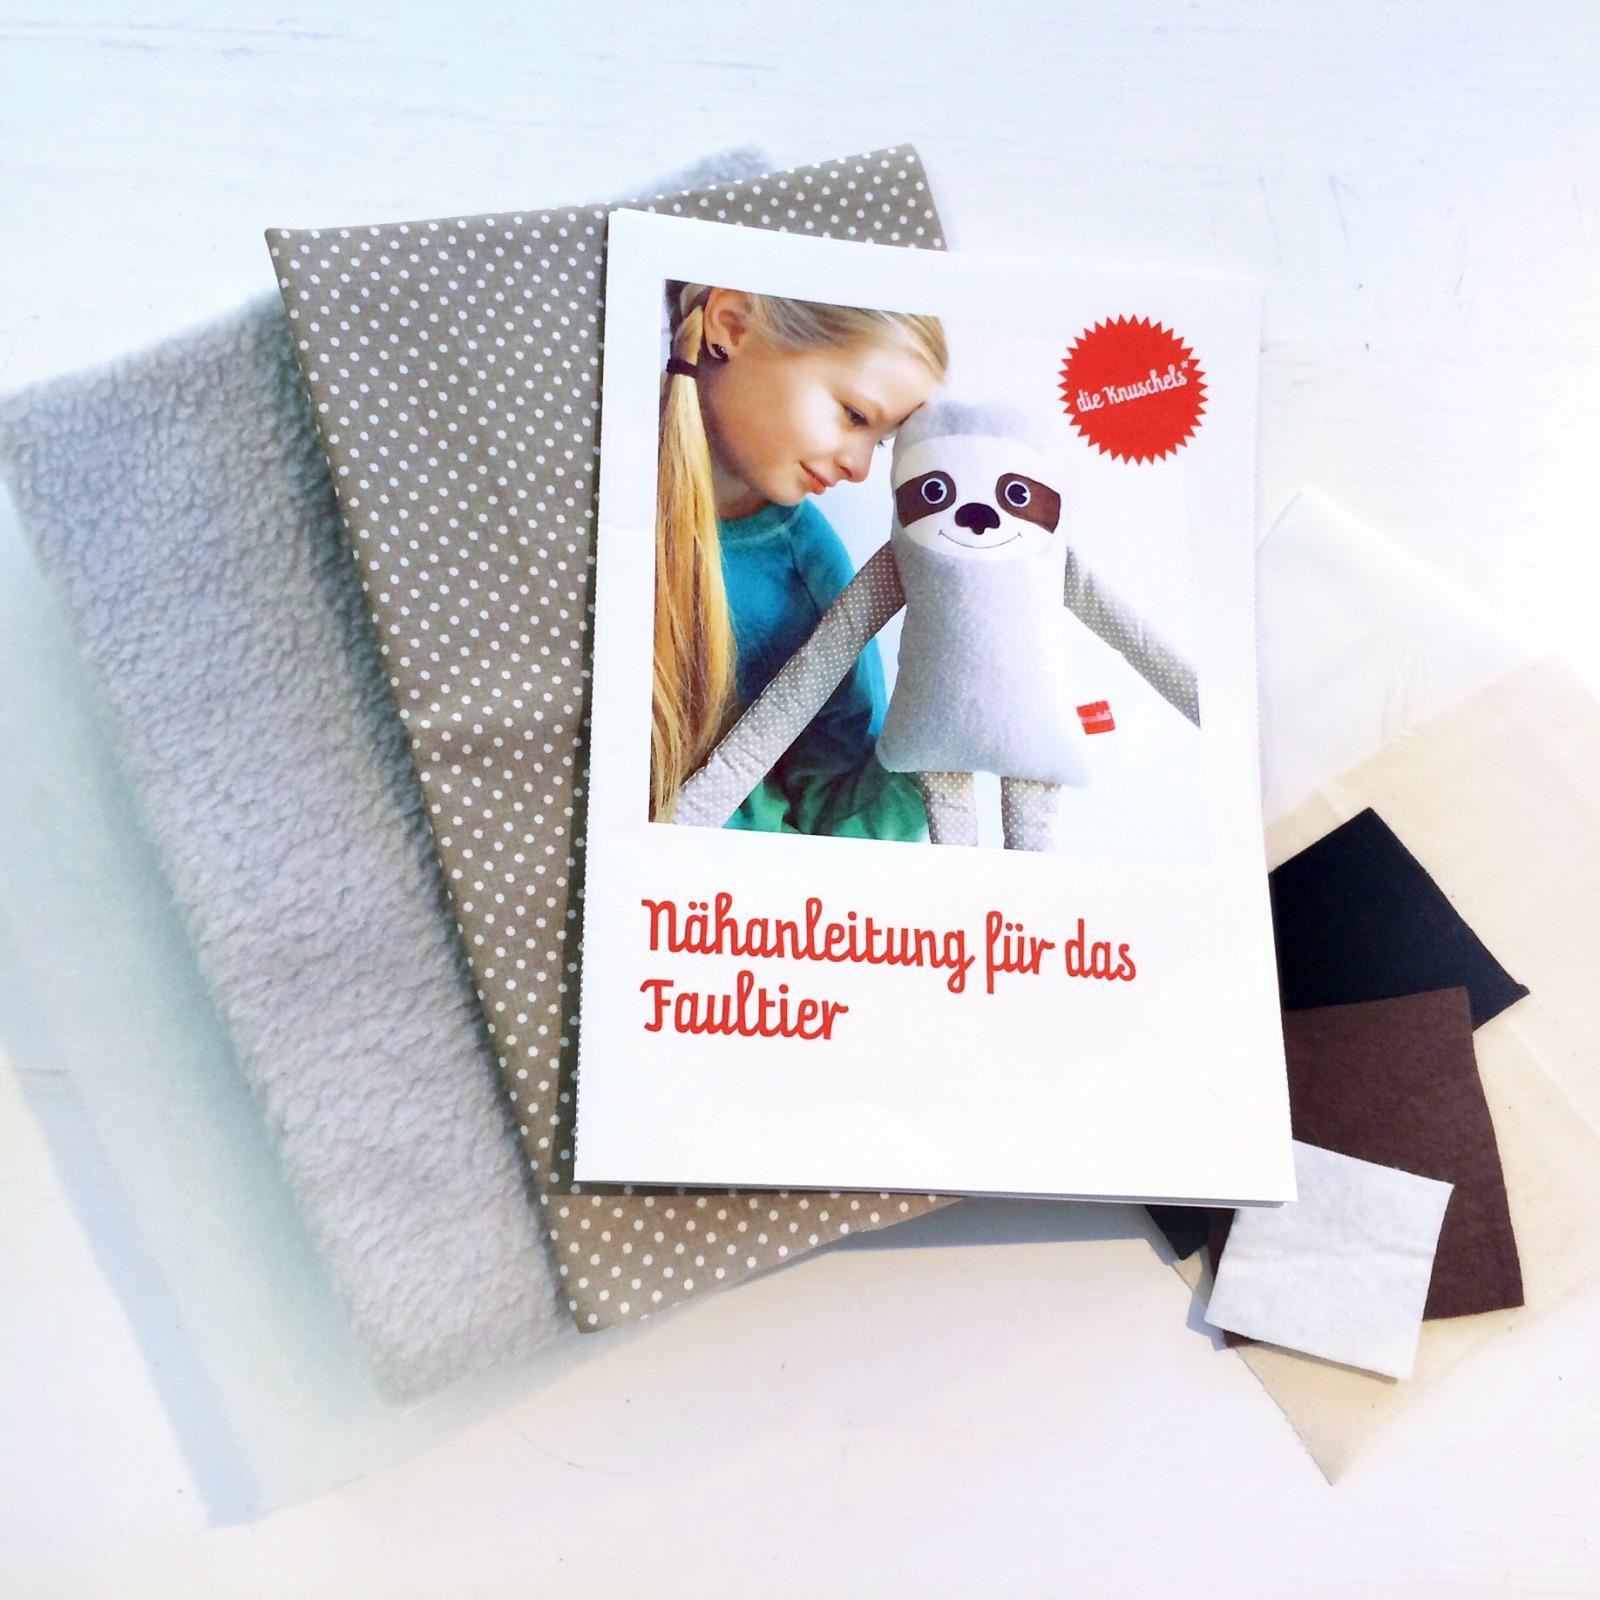 Faultiernähpaket Anleitung Material Schnitt für das